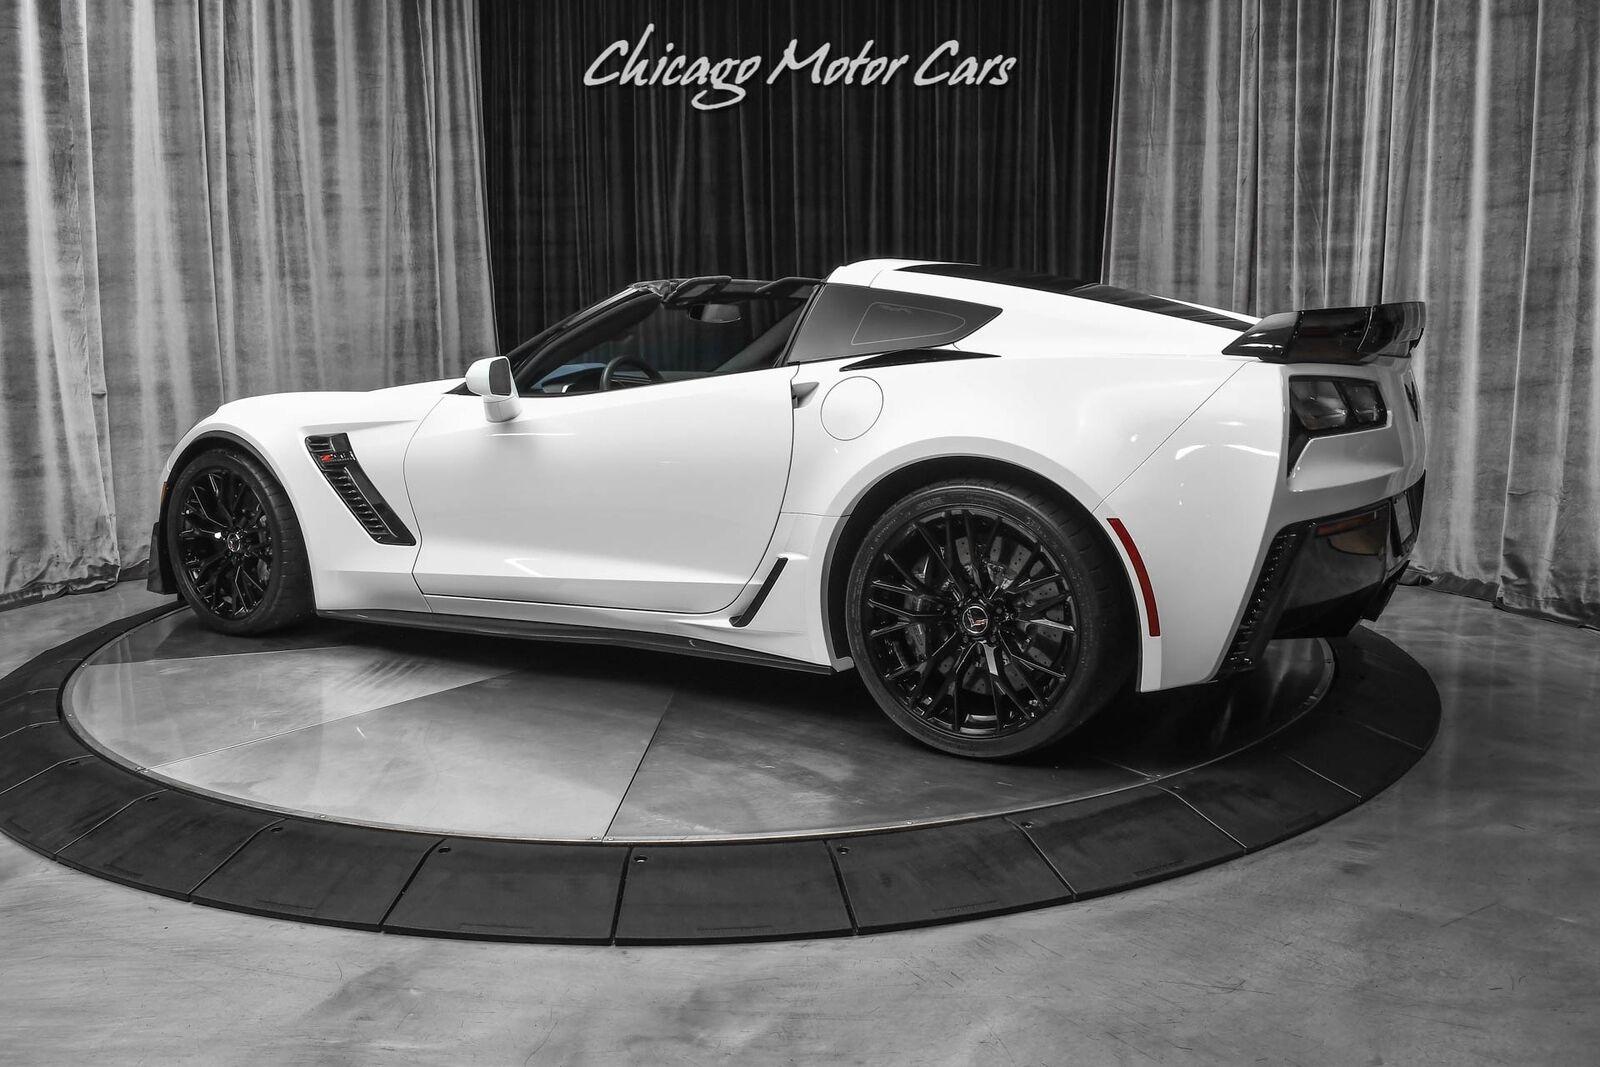 2015 White Chevrolet Corvette Z06 3LZ | C7 Corvette Photo 3